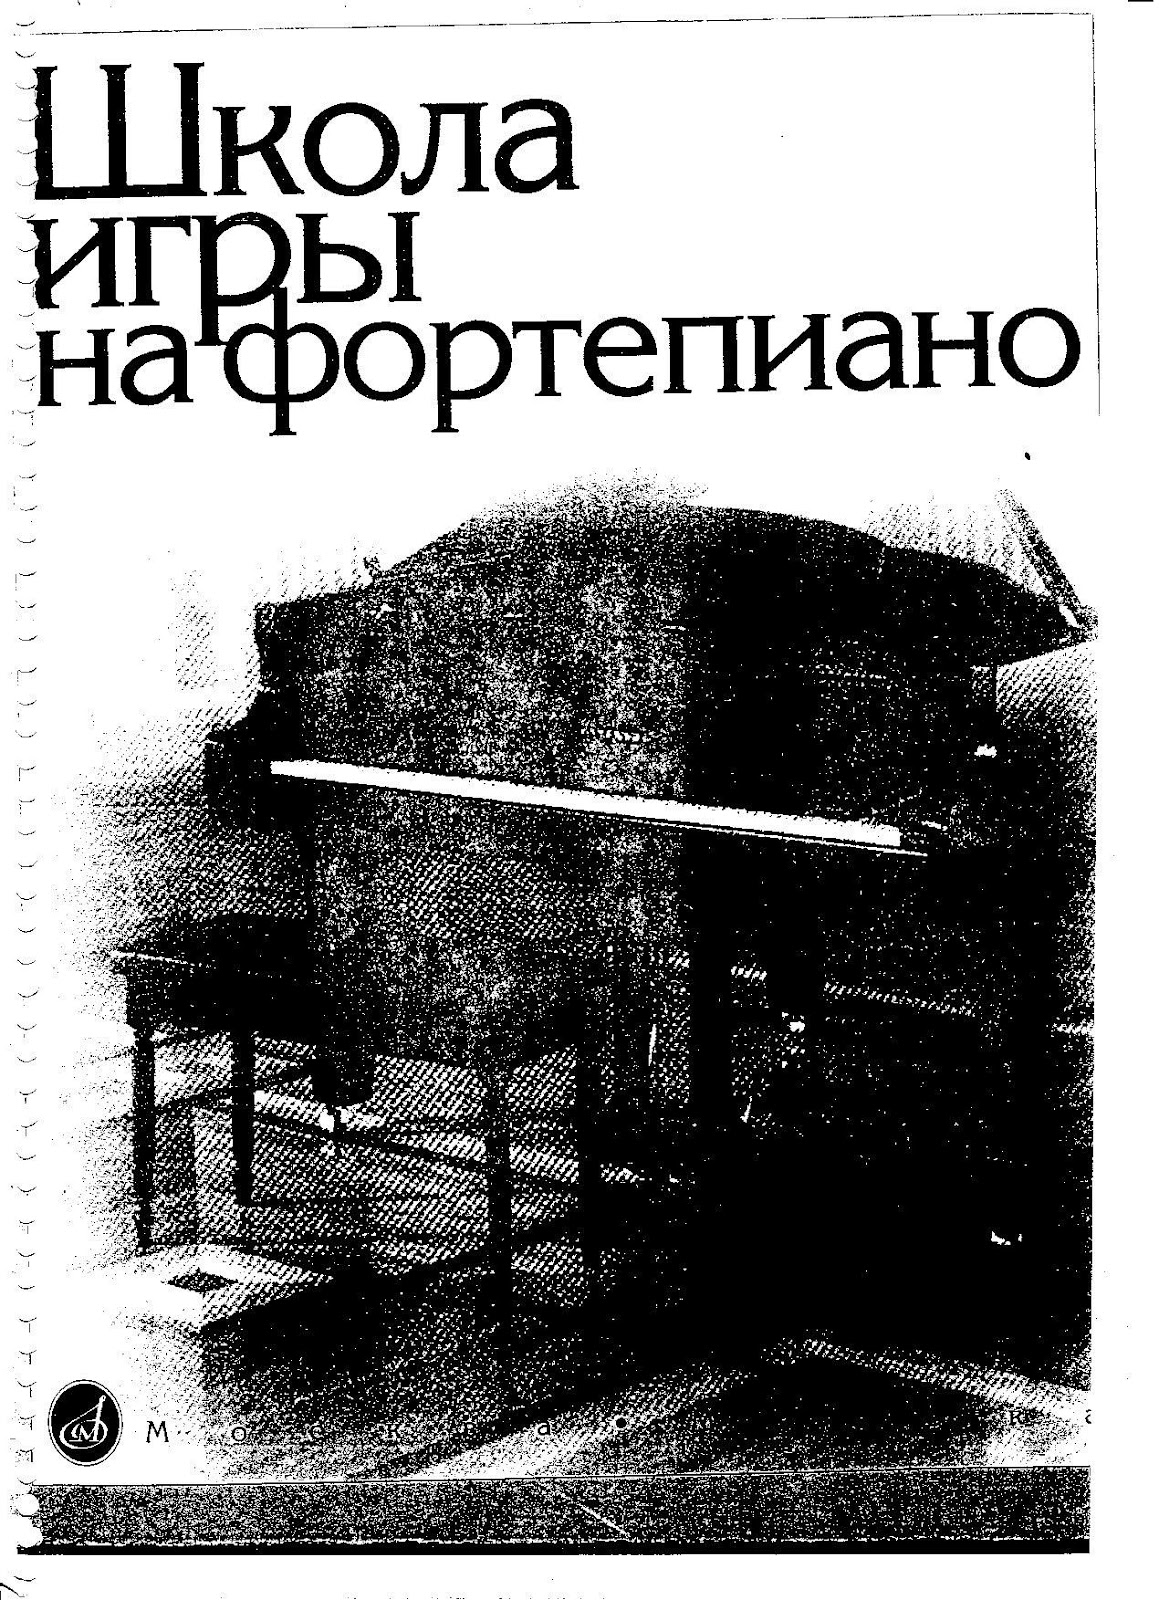 دانلود کتاب آموزش پیانو متد روسی الکساندر نیکلایوا